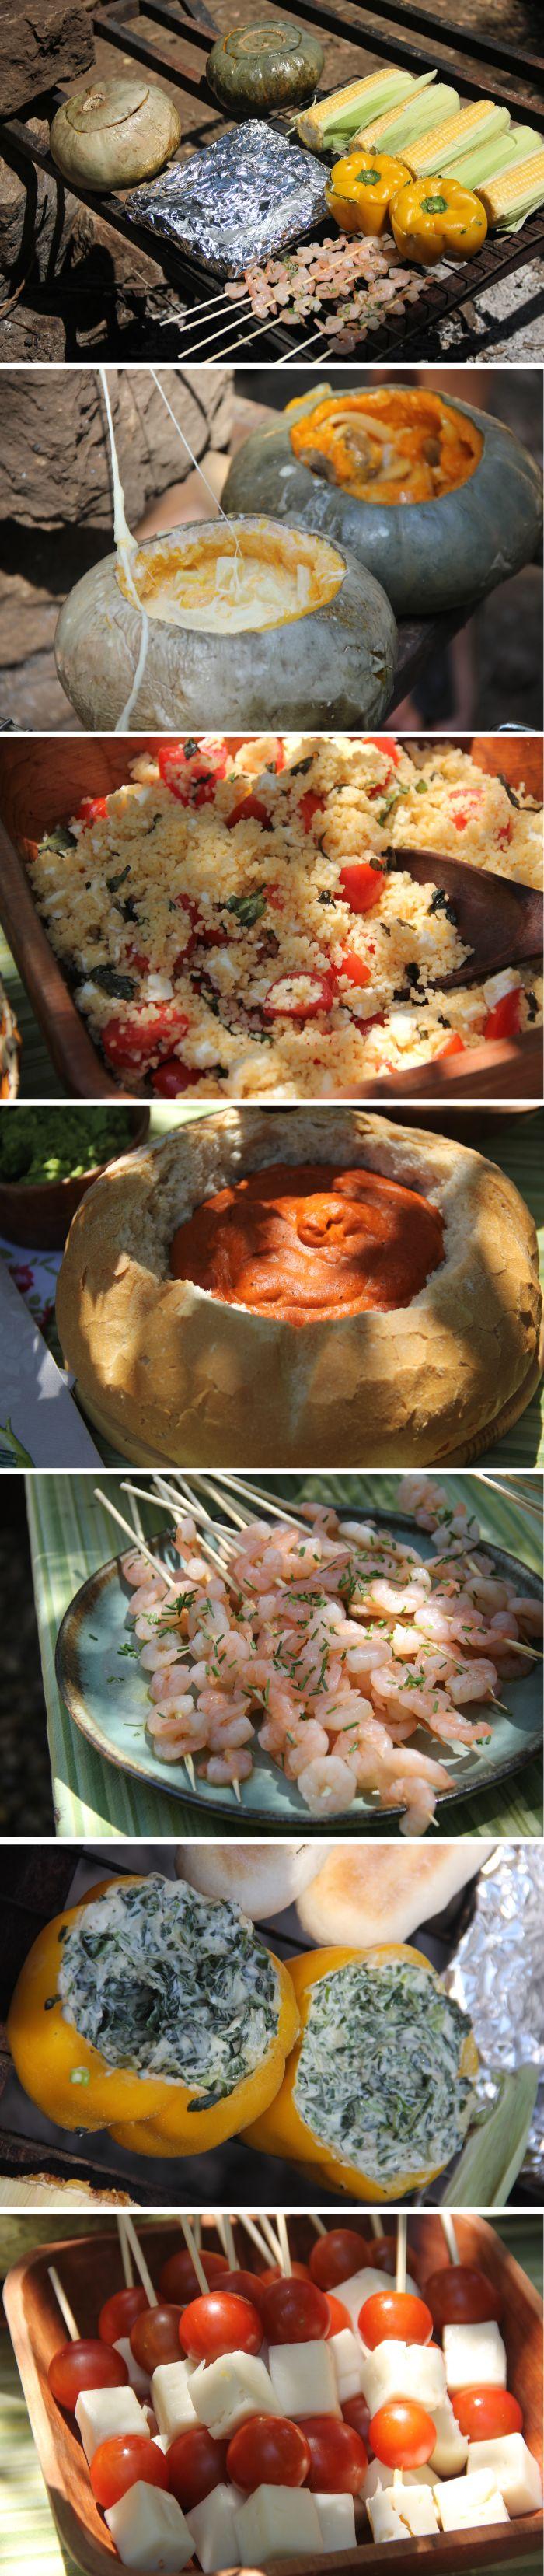 Verduras a la Parrilla Zapallo, choclo, dip de espinaca